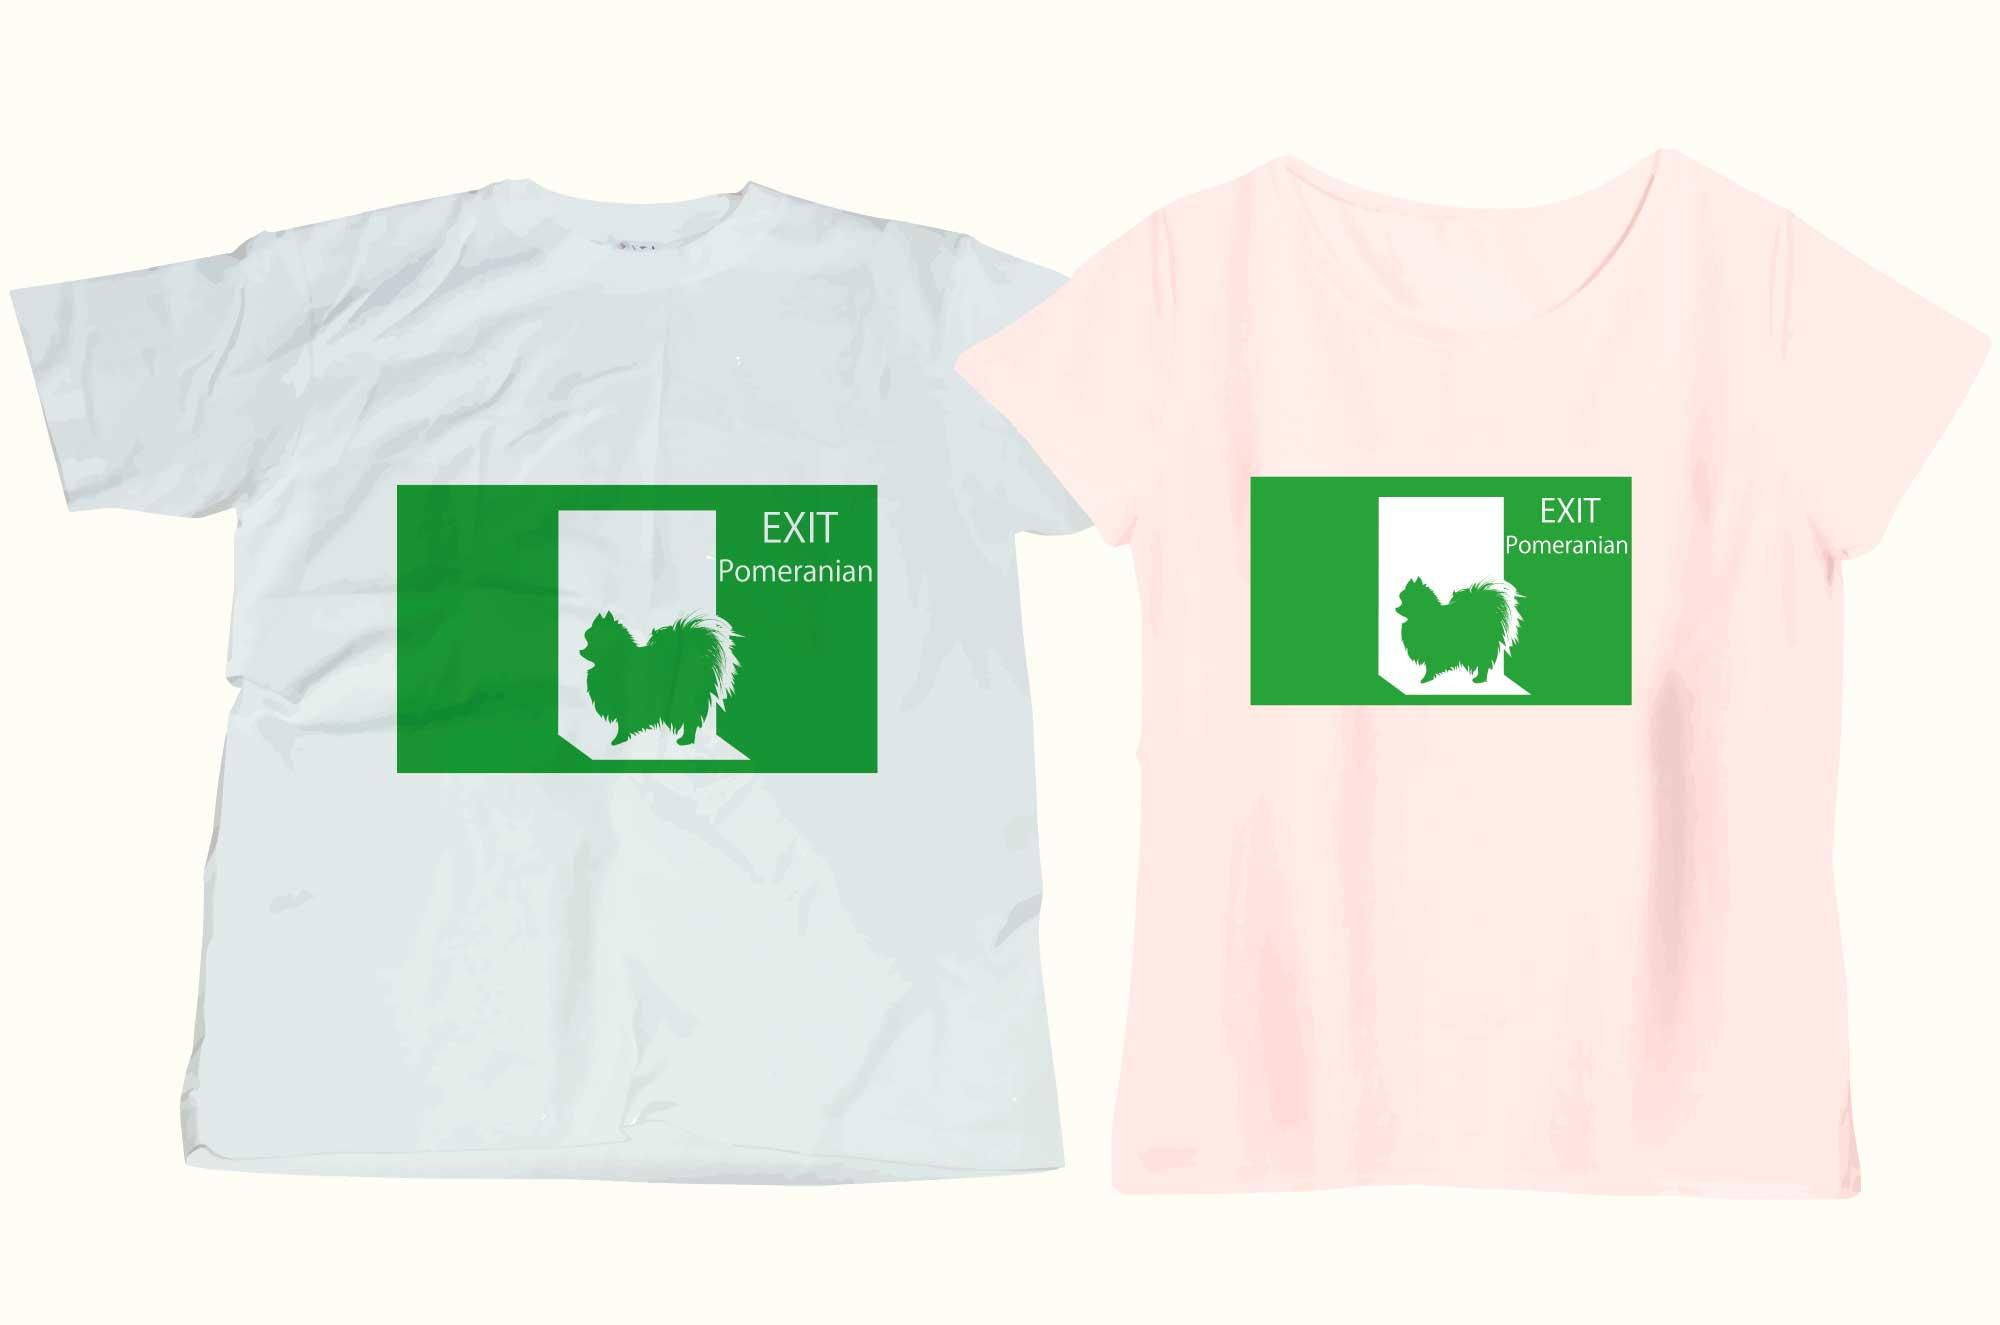 非常口のポメラニアンTシャツ - 話のネタになるデザイン